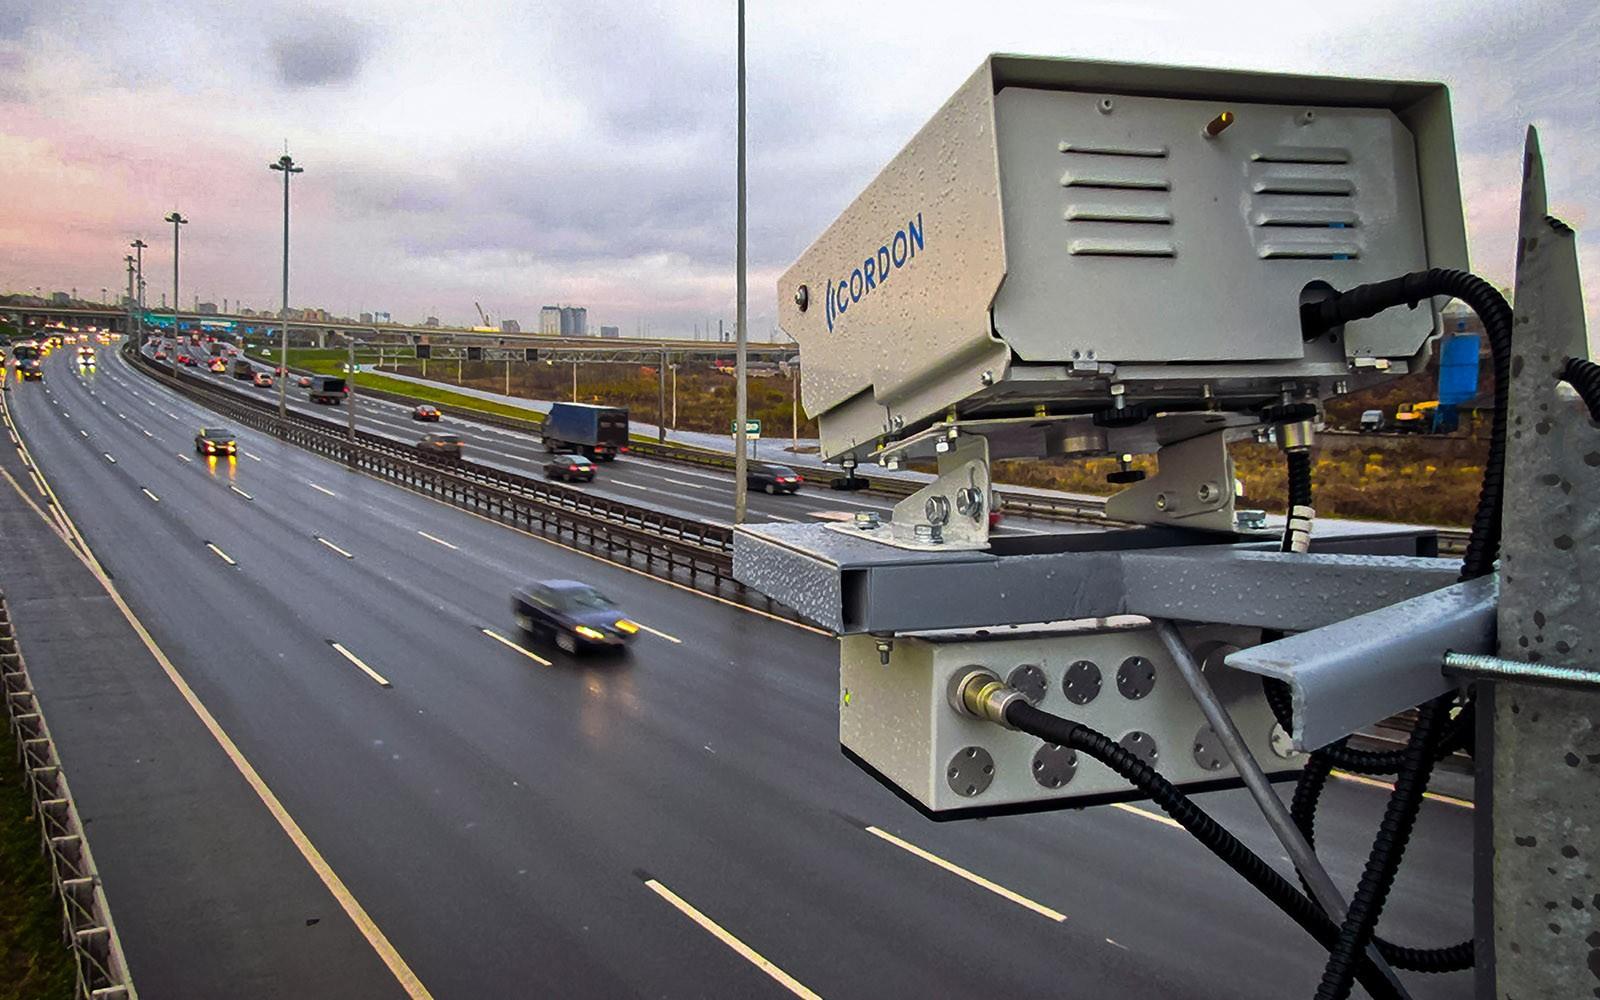 В ГАИ рассказали на каких участках Минска будет проводиться контроль скорости